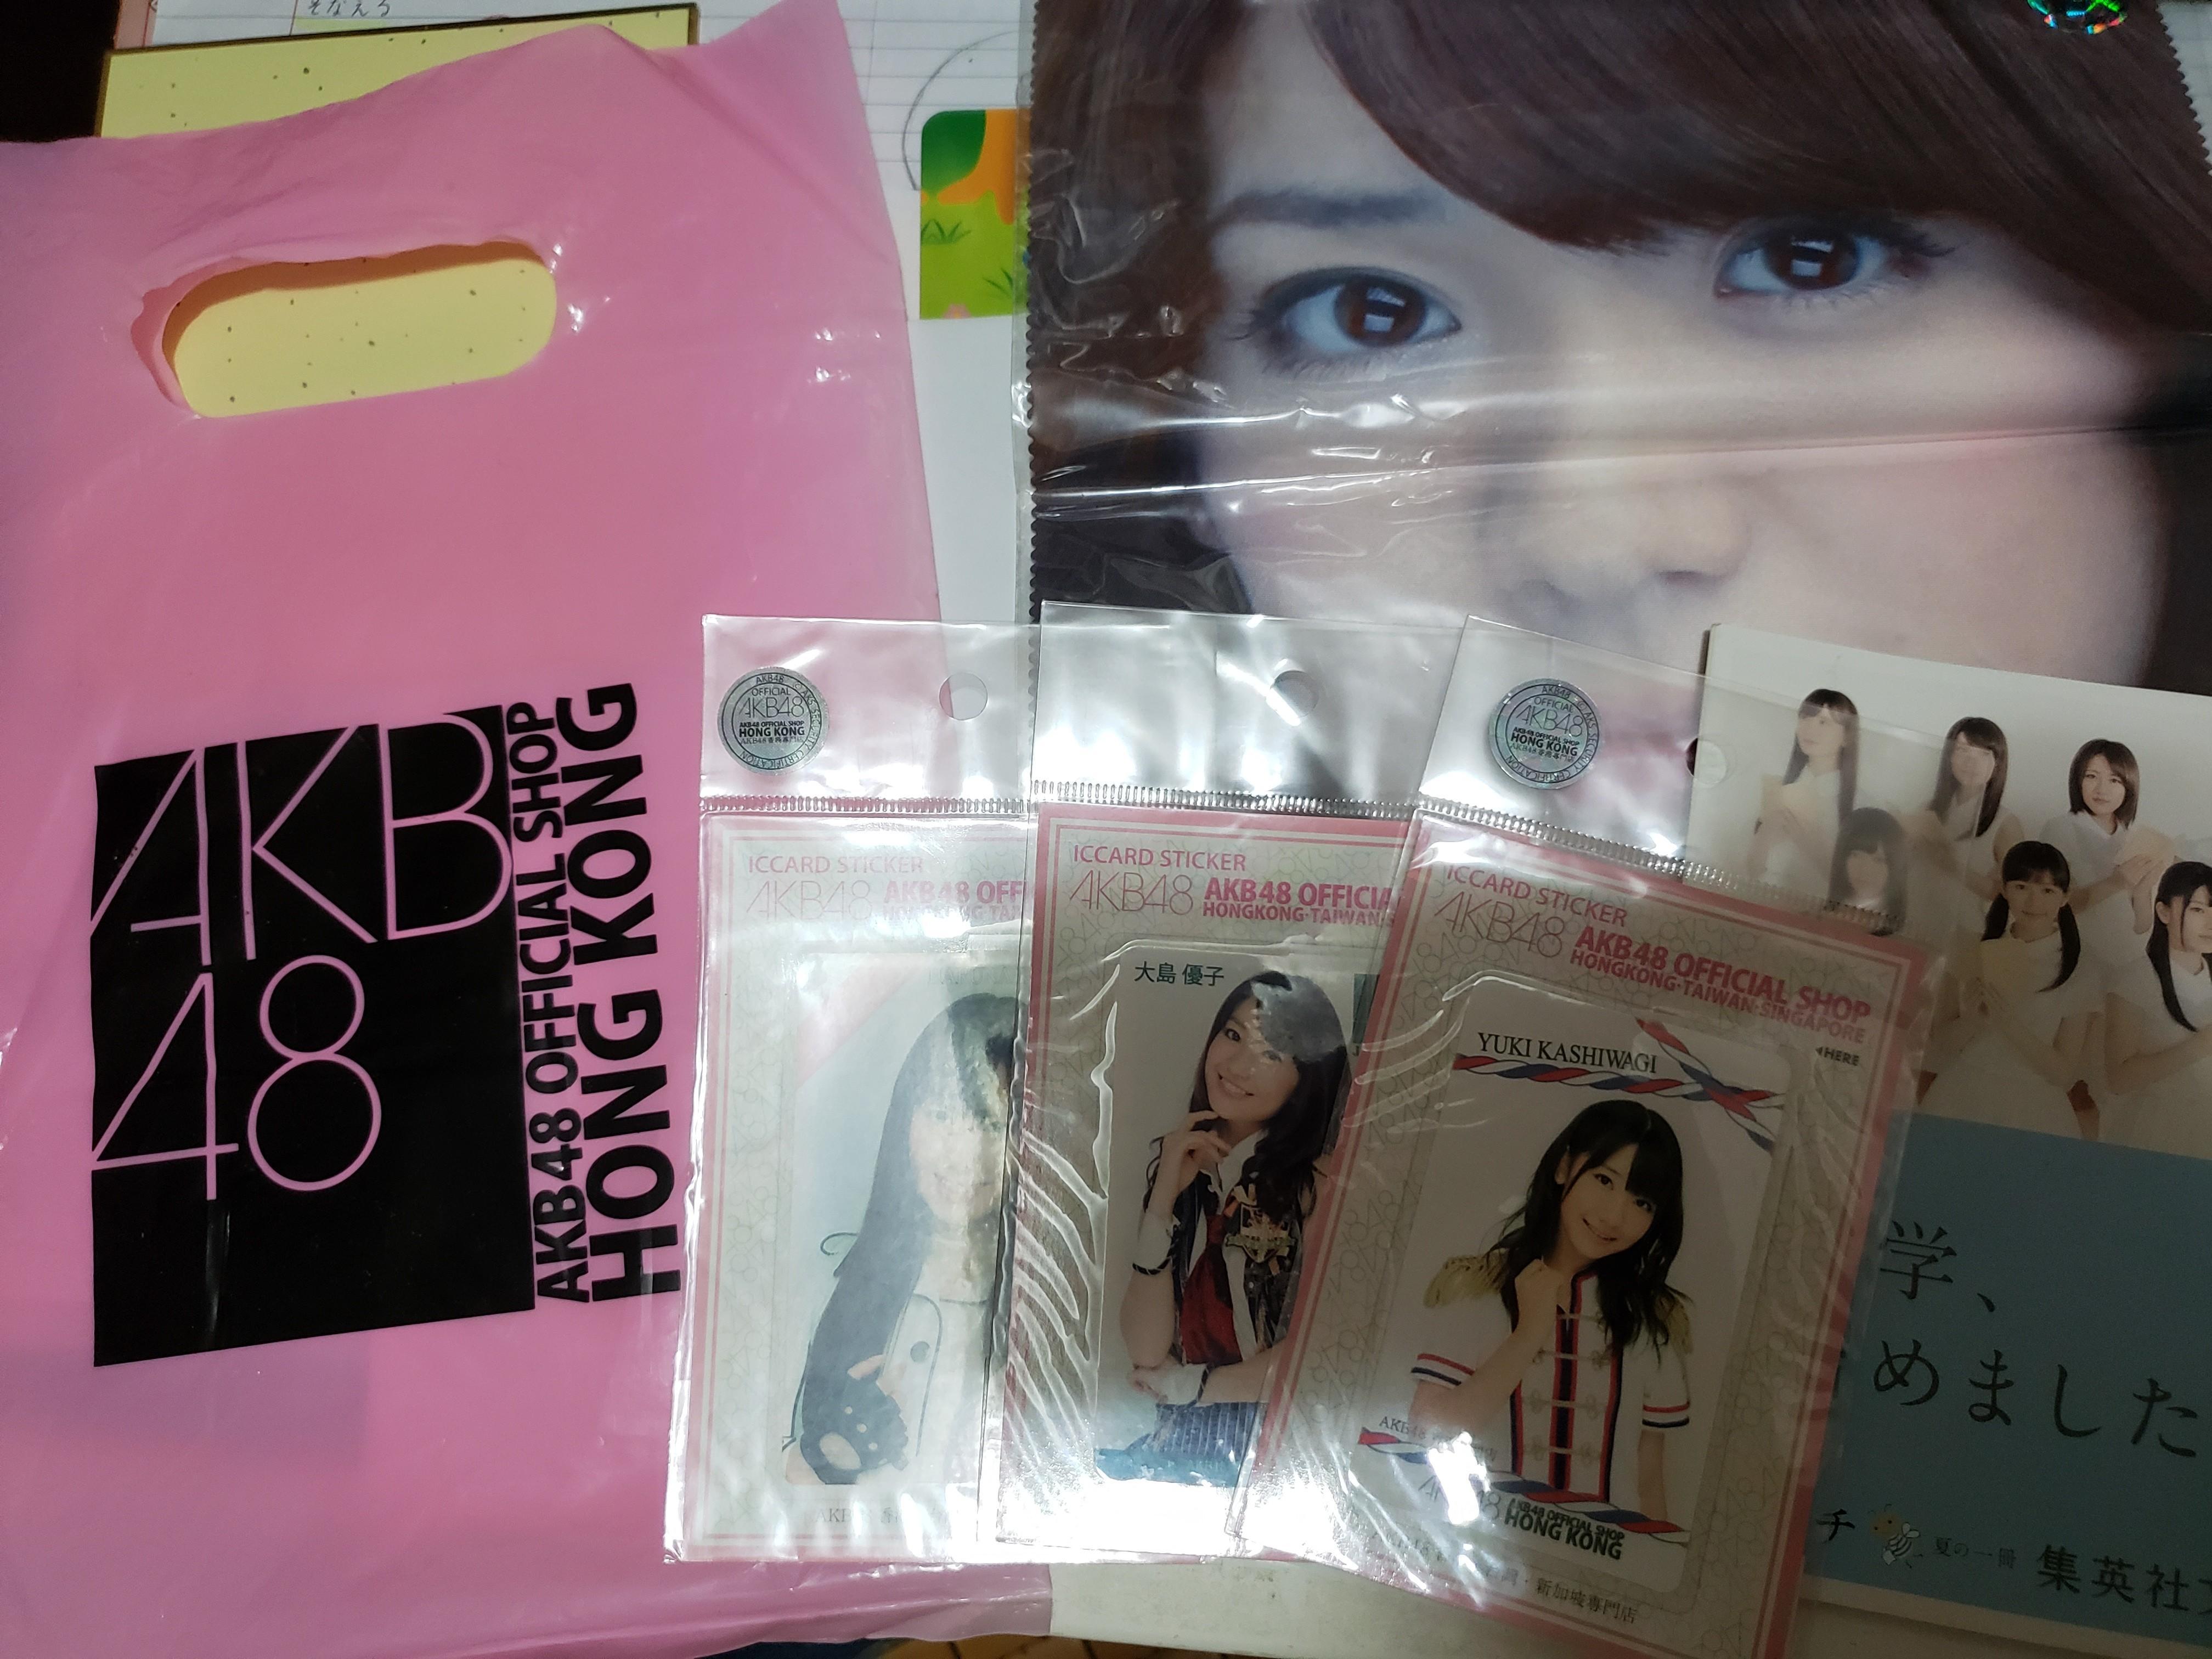 [放售]曾幾何時AKB48香港限定店 卡貼 方布 小鳩陽菜 柏木由紀 大島優子